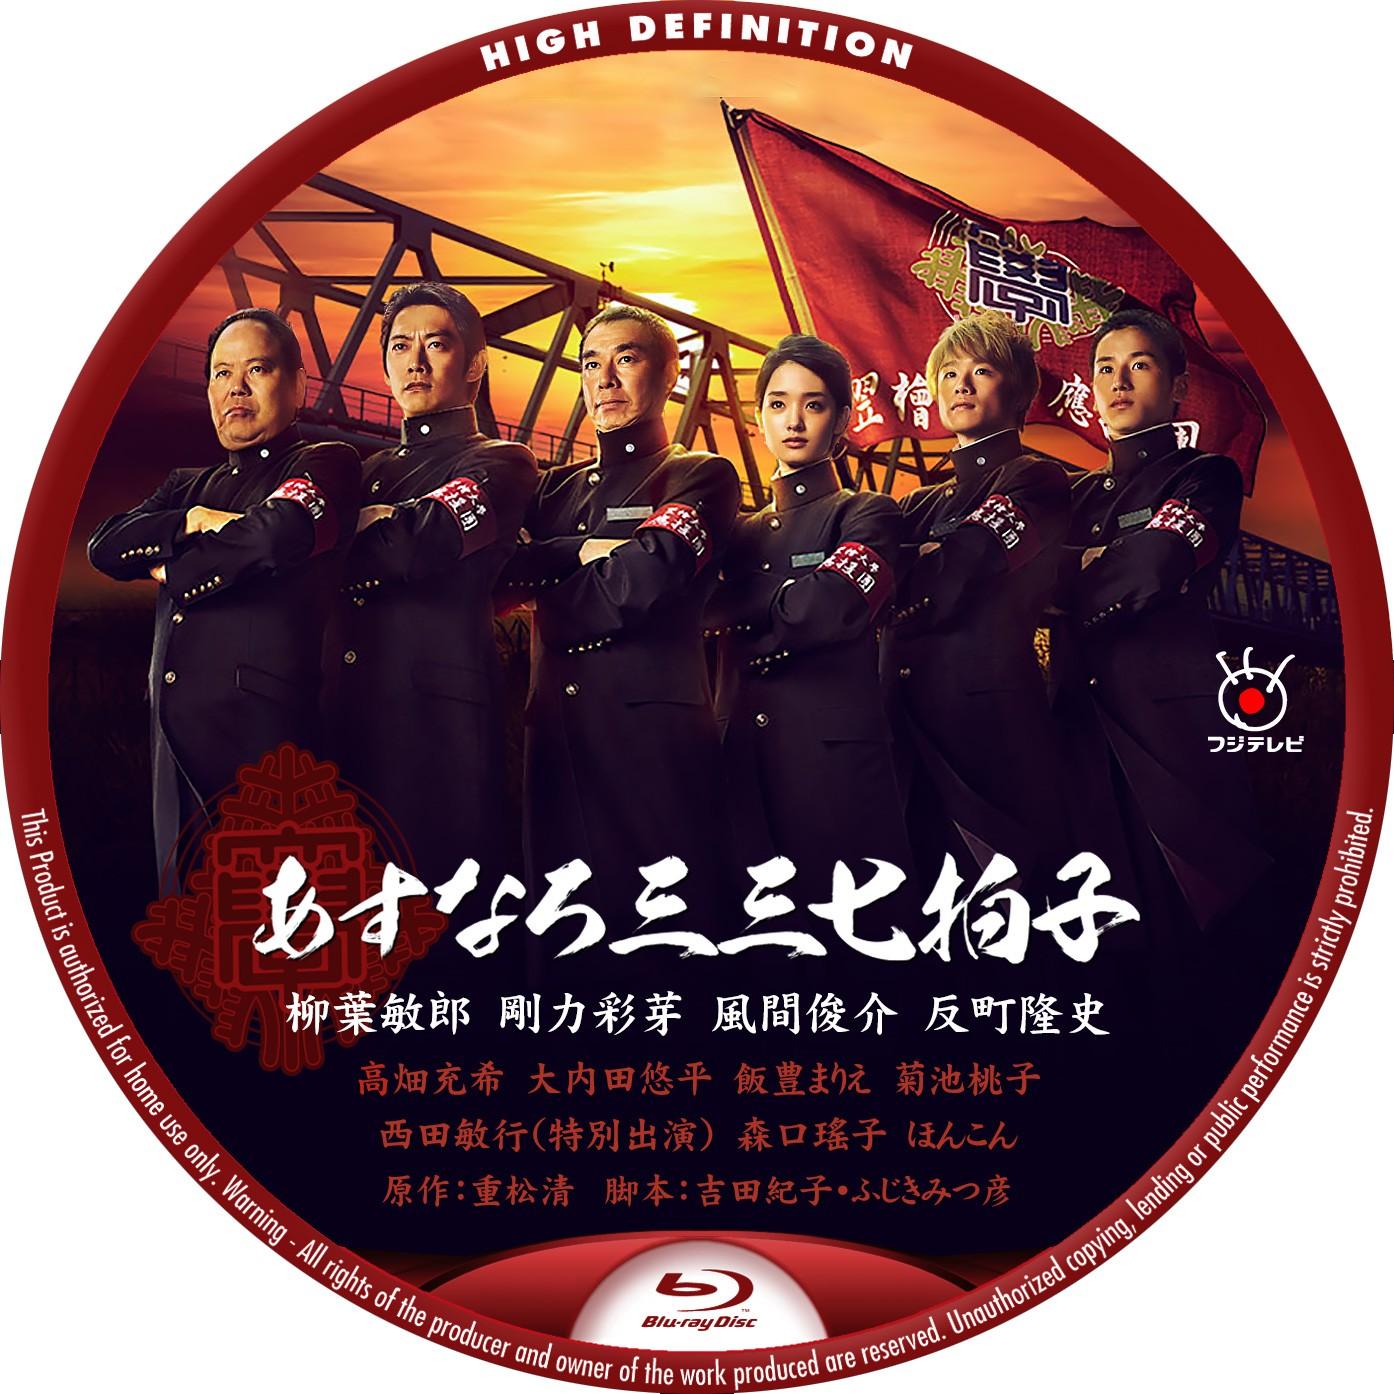 あすなろ三三七拍子 BD Blu-rayラベル